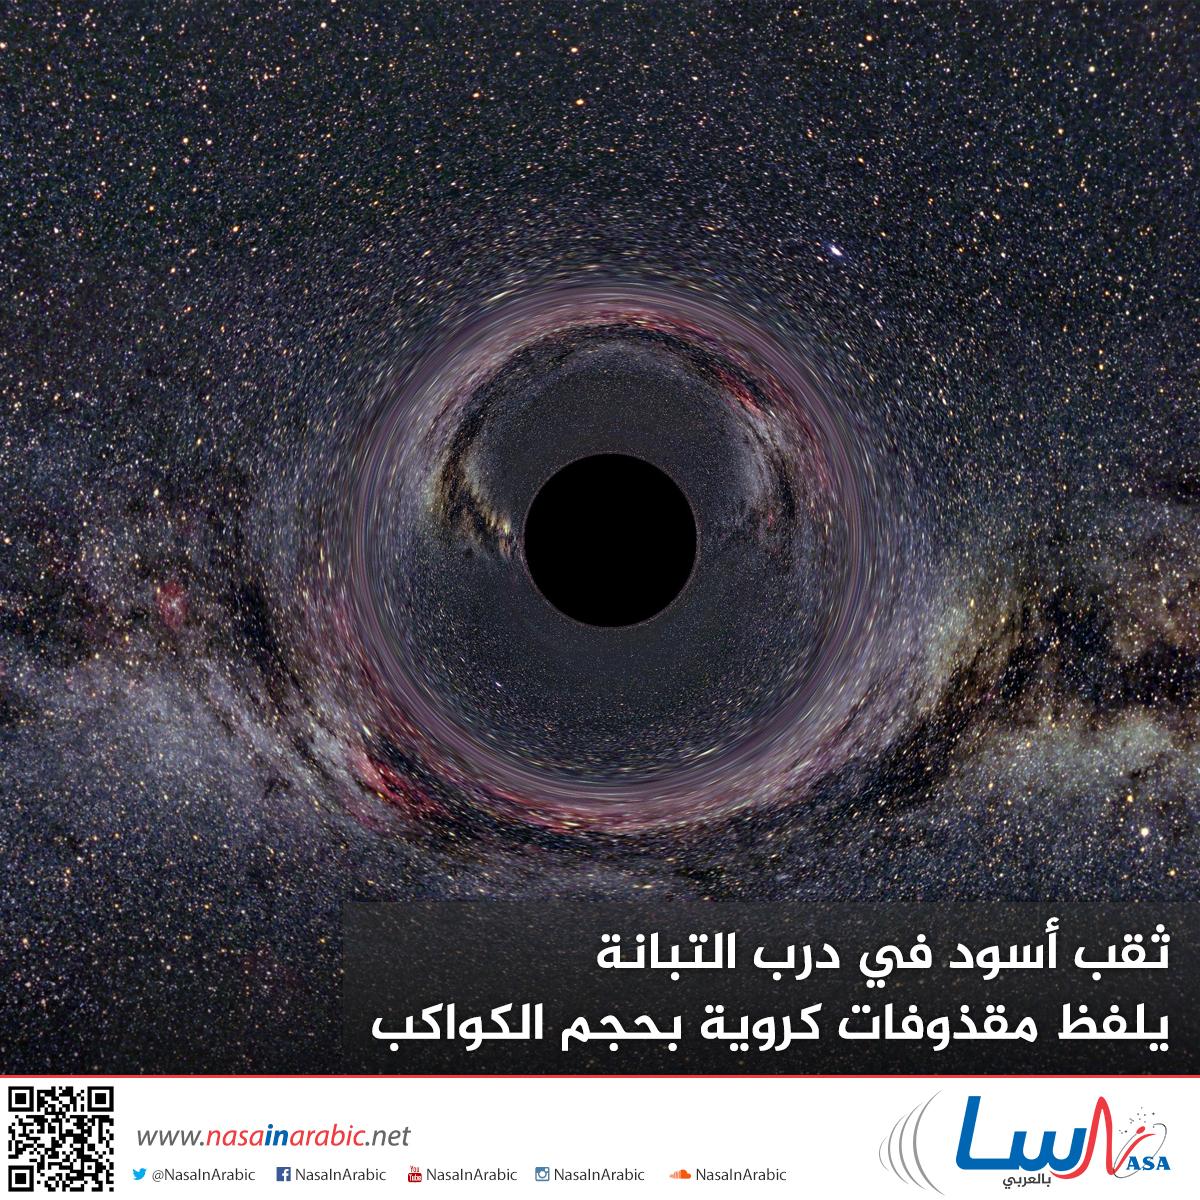 ثقب أسود في درب التبانة يلفظ مقذوفات كروية بحجم الكواكب